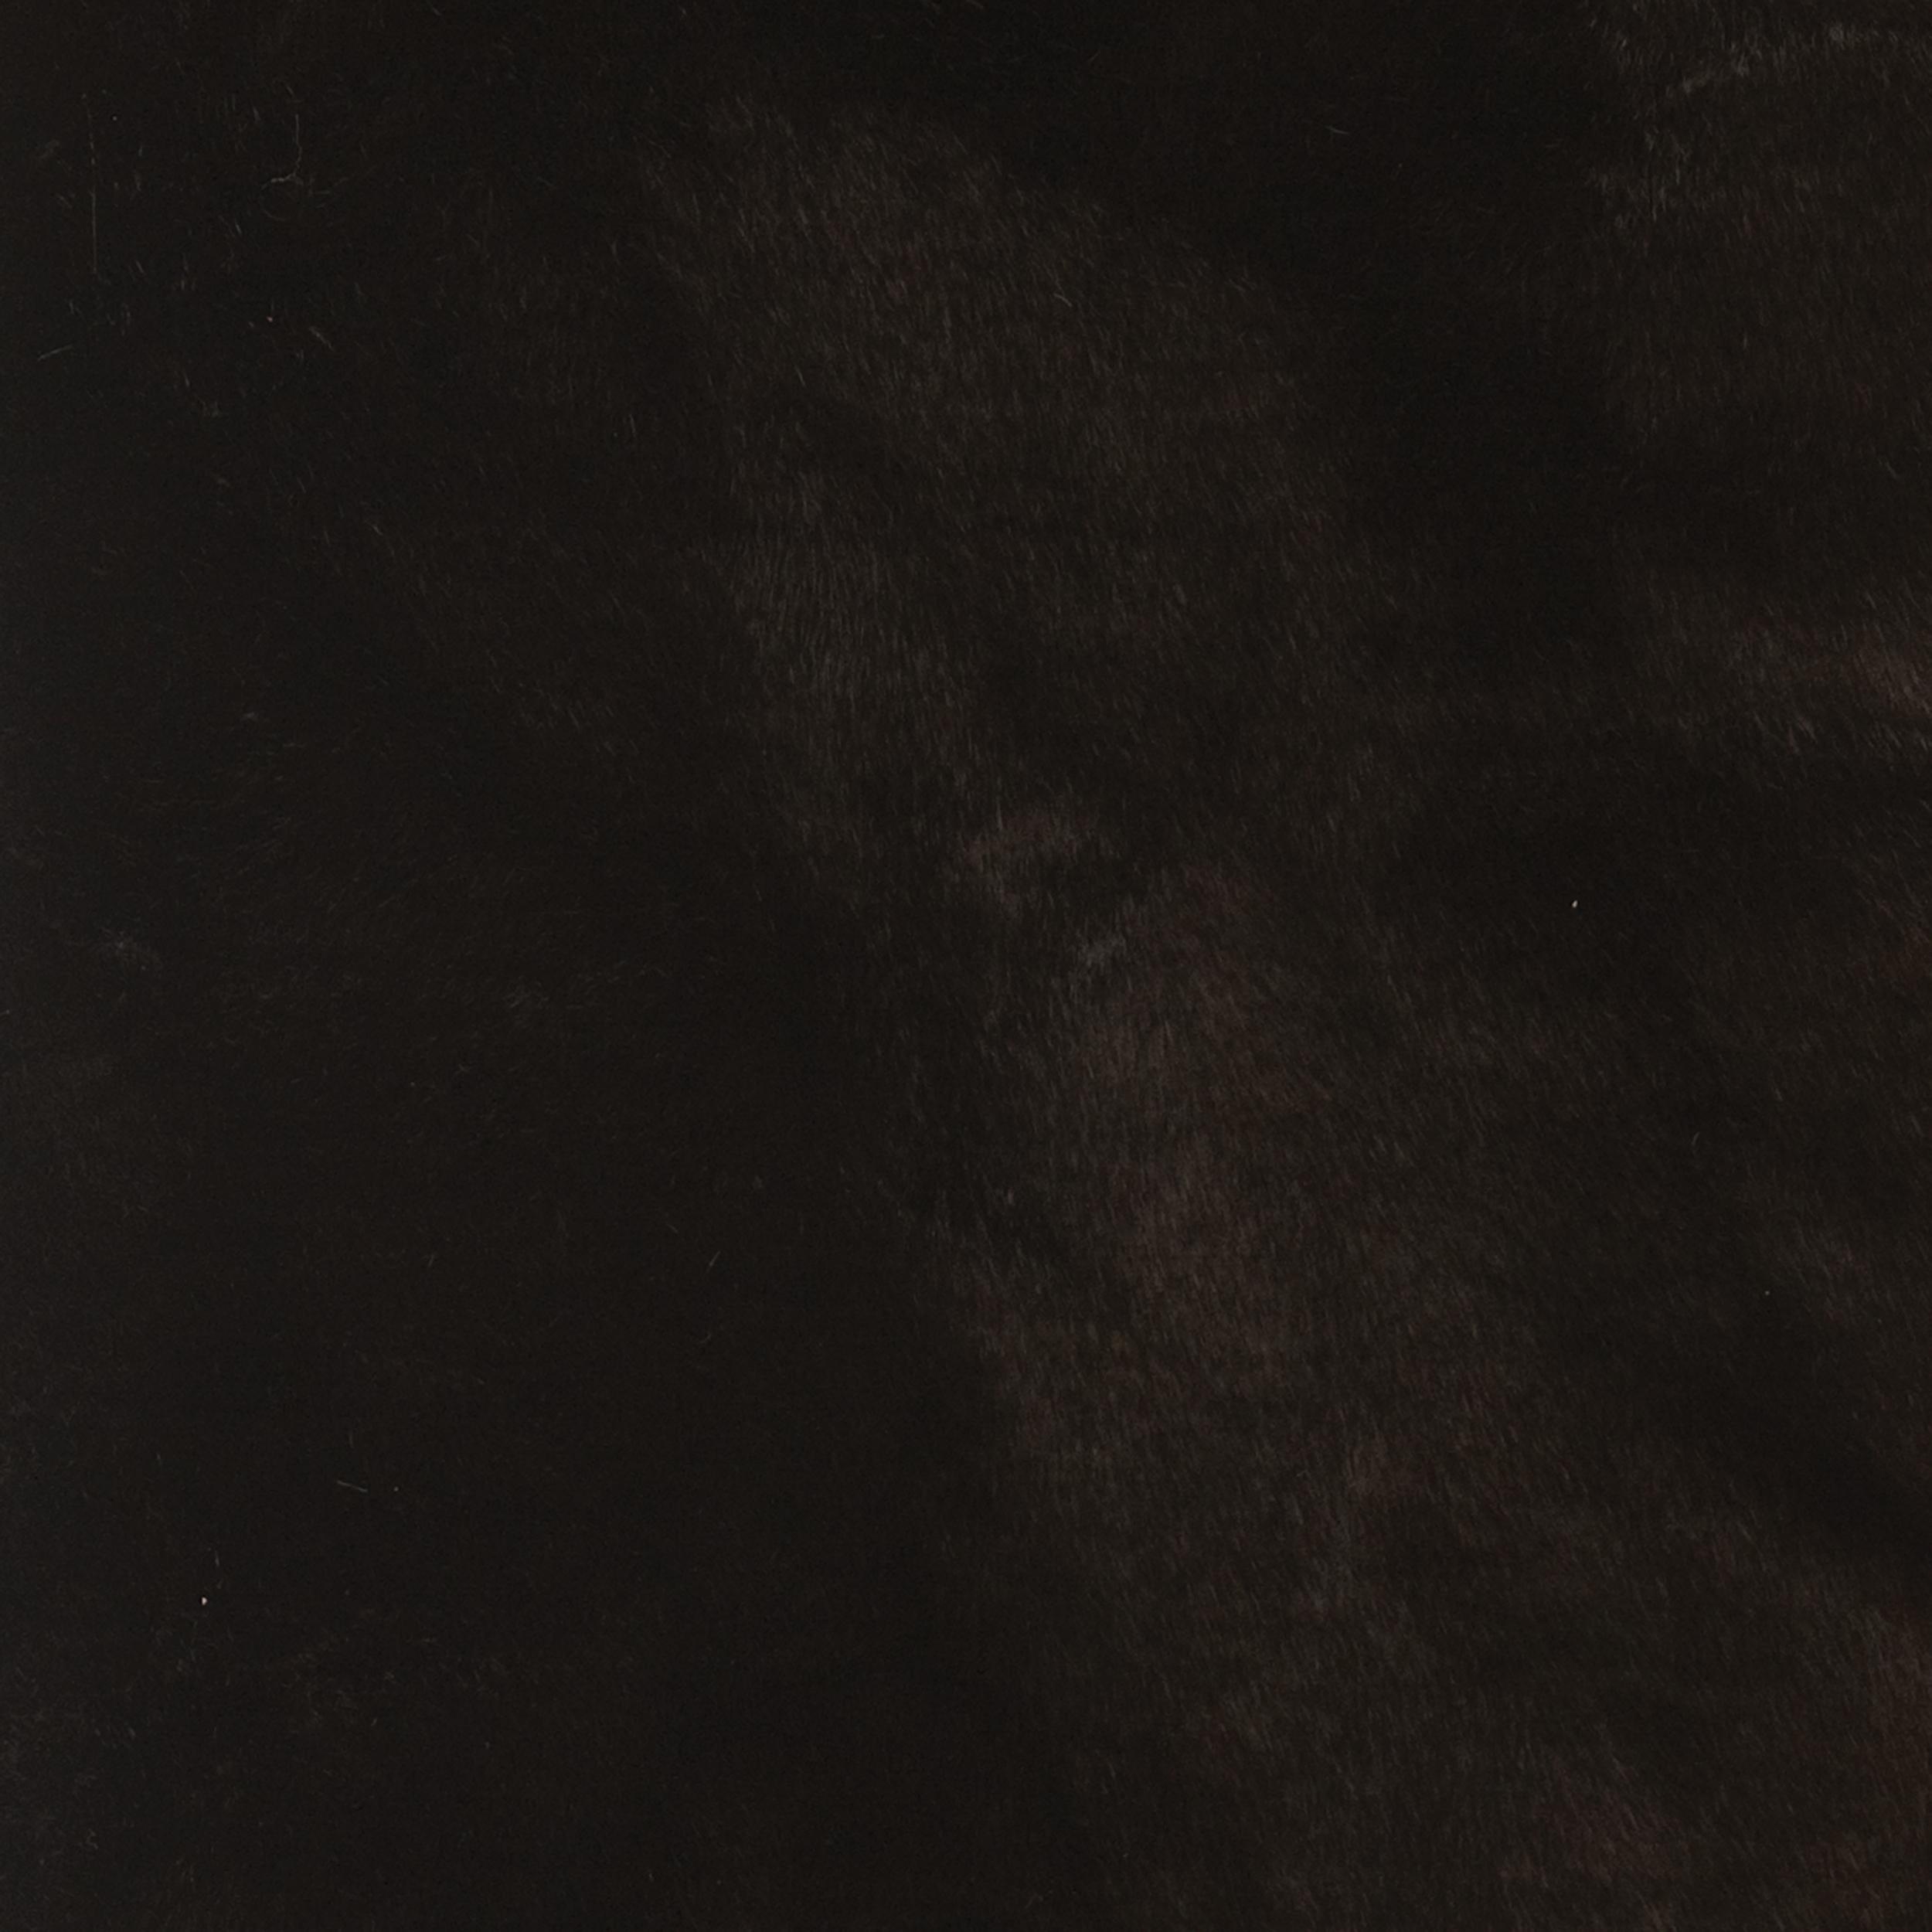 Black Sable Faux Fur